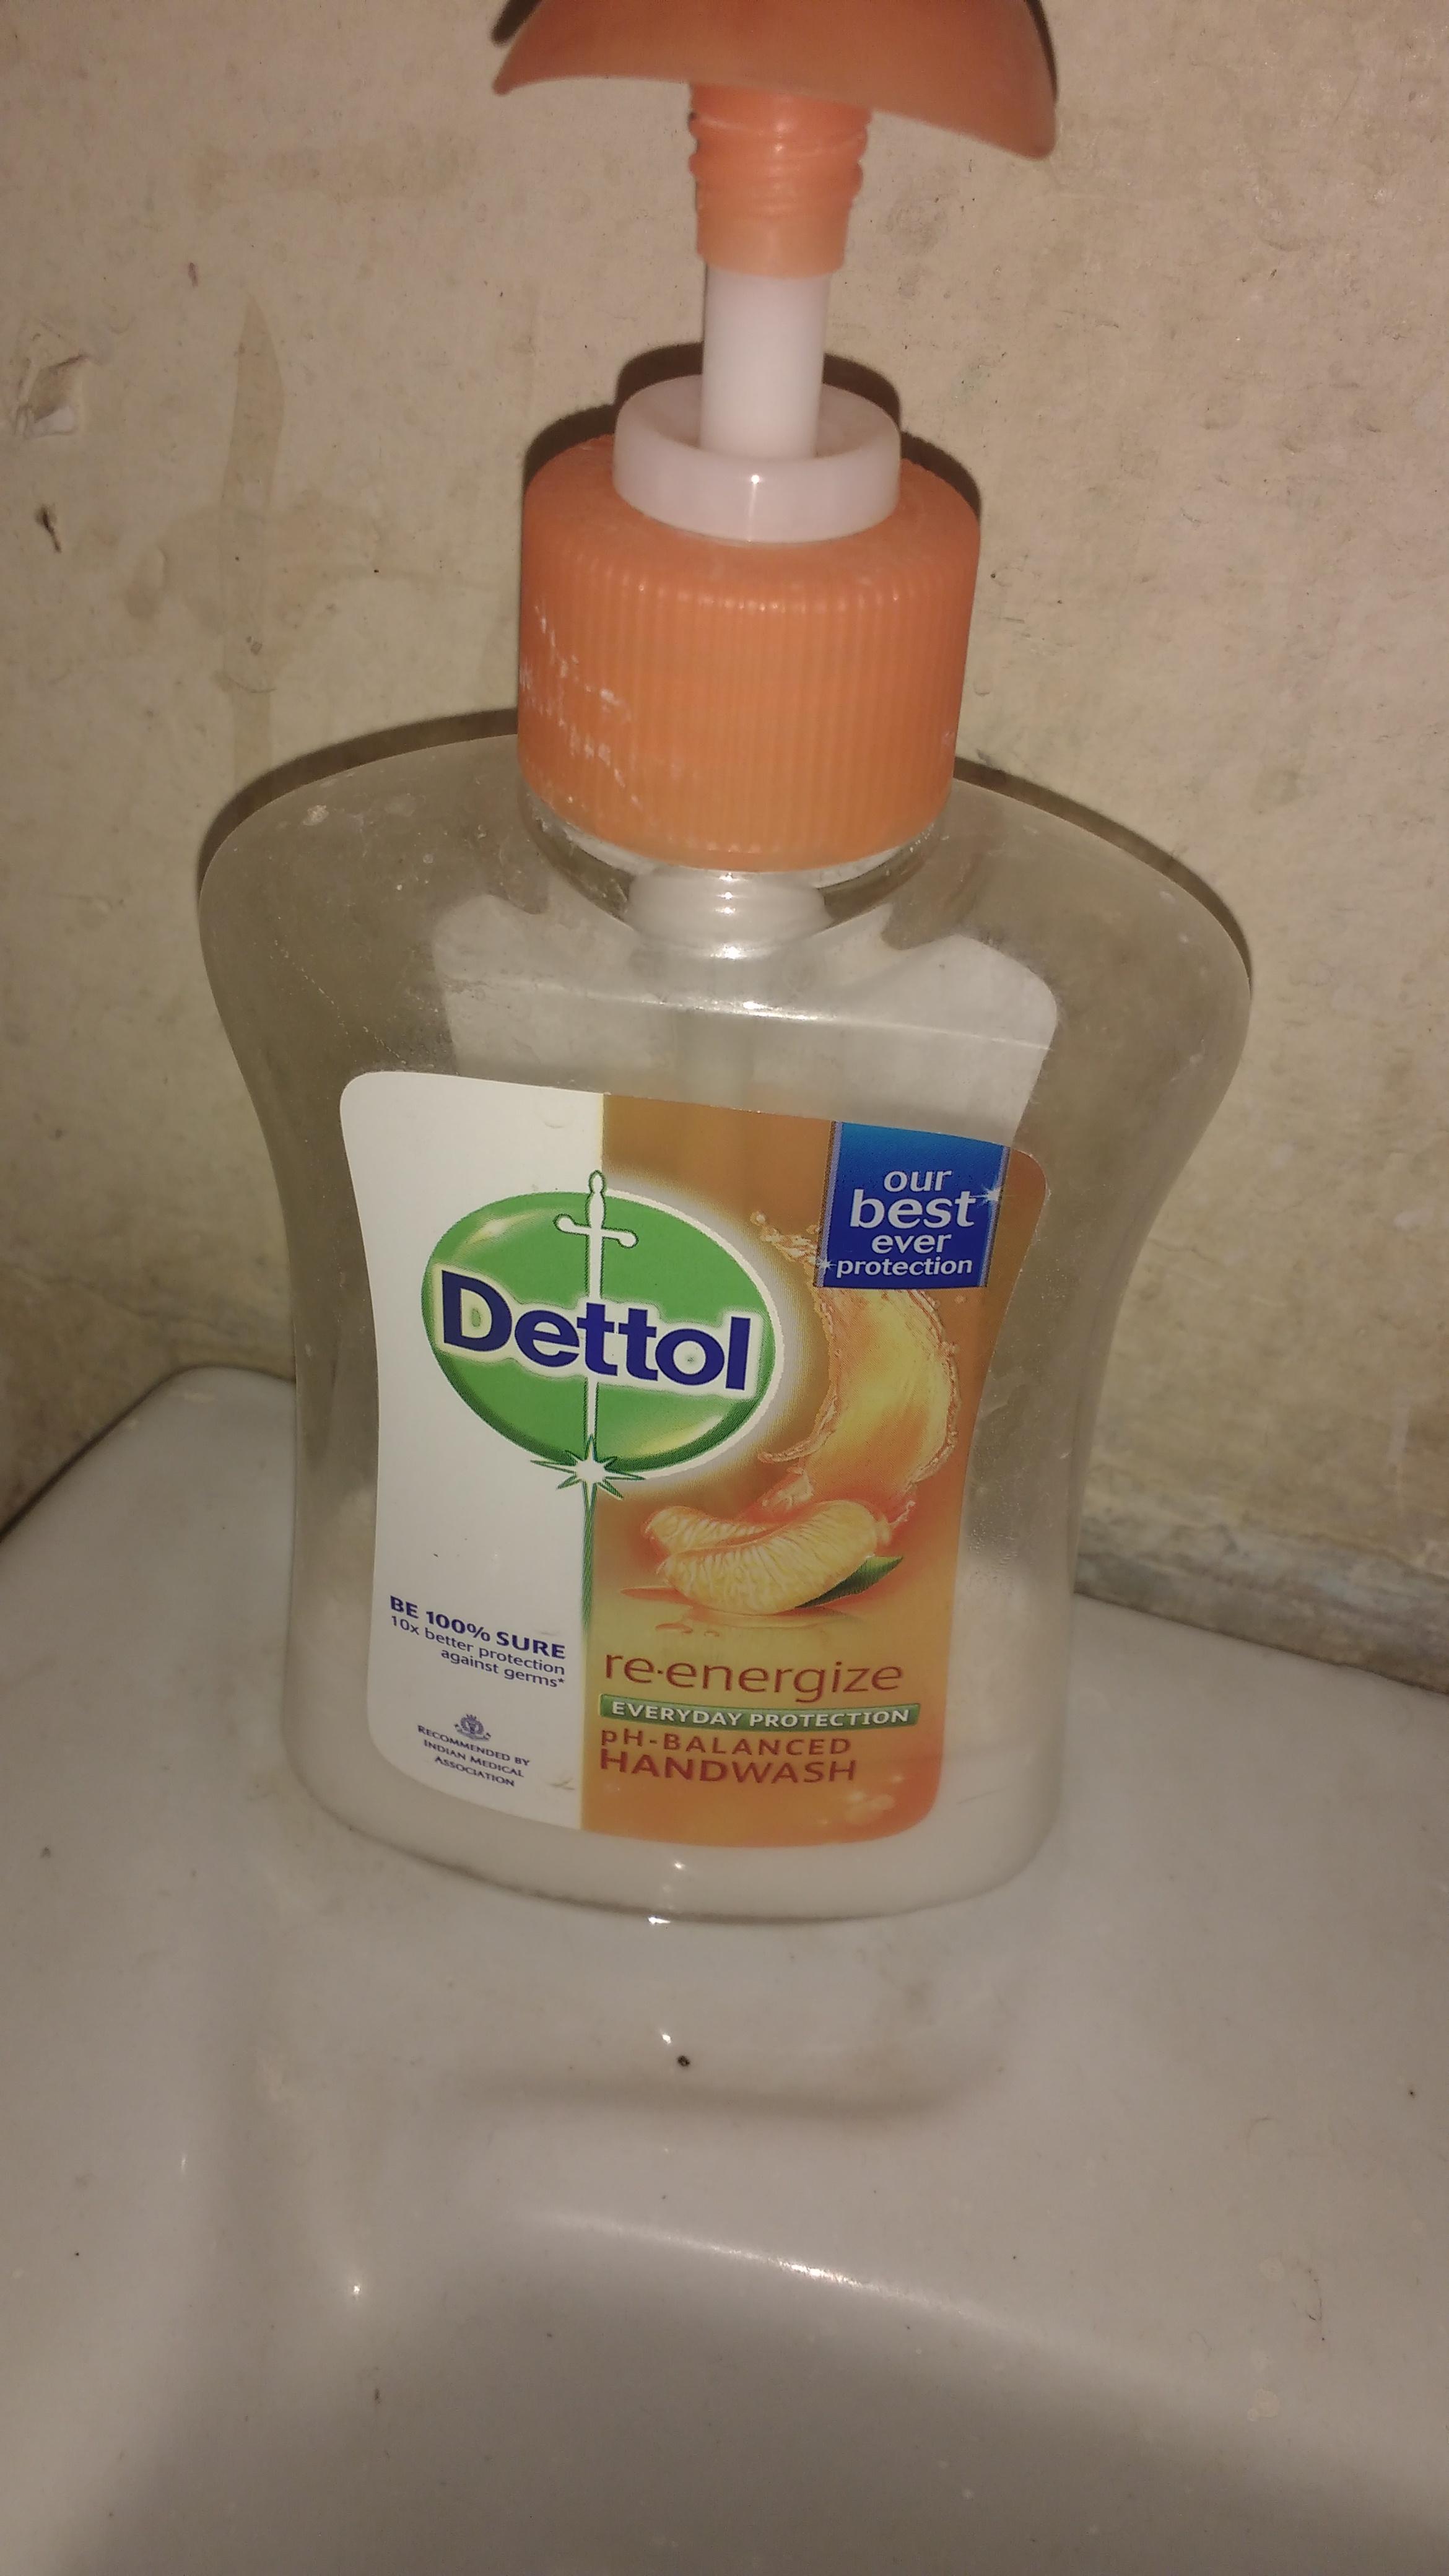 Dettol Liquid Handwash Review Dettol Liquid Handwash